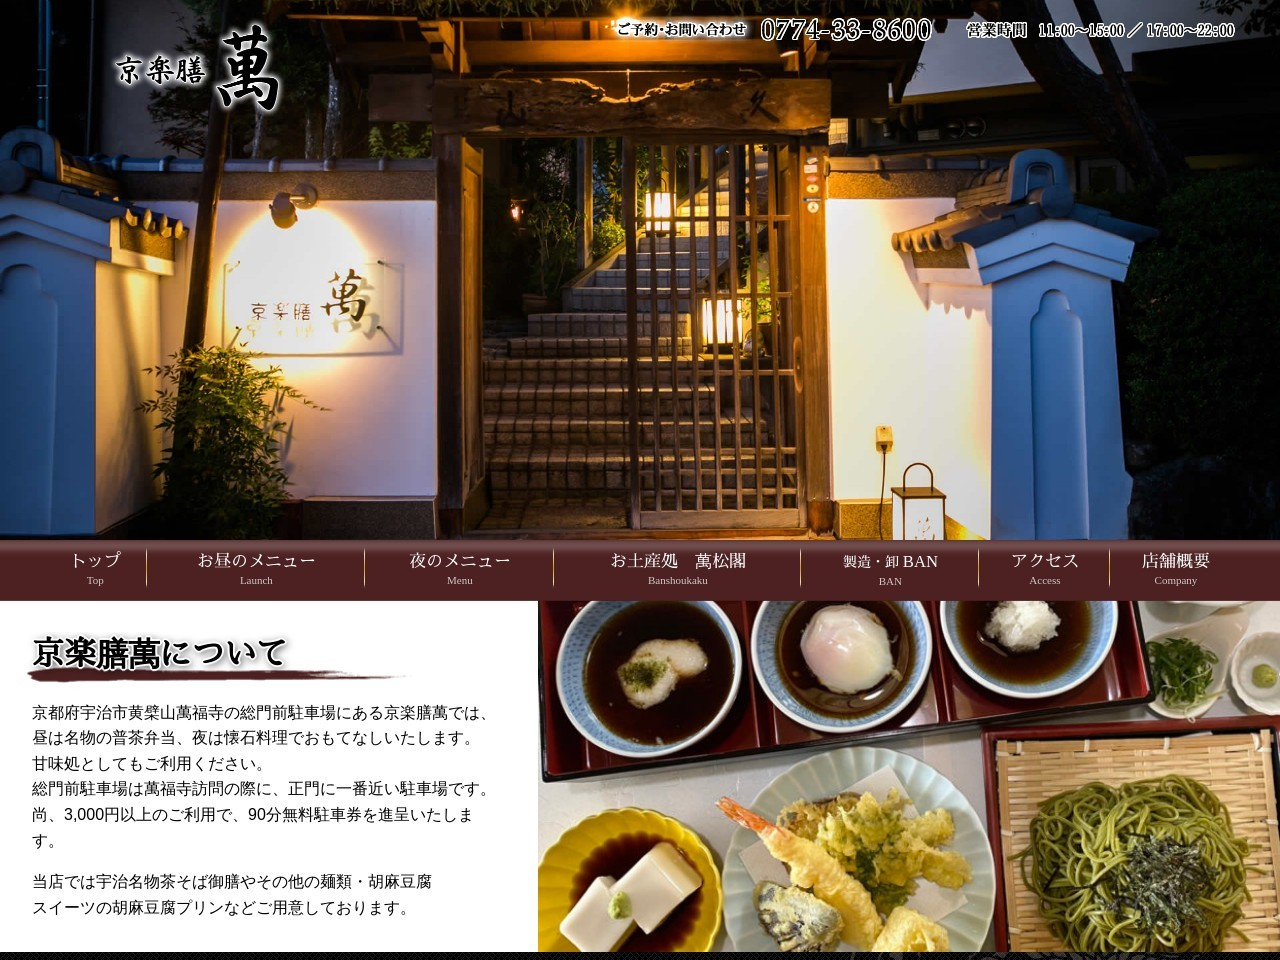 京都宇治市の京楽膳萬; 京都宇治市の京楽膳萬 | 京都宇治市の黄檗山萬福寺のたもとに位置する京楽膳萬では、名物の胡麻豆腐、昼は名物普茶弁当、夜は懐石料理でおもてなしいたします。